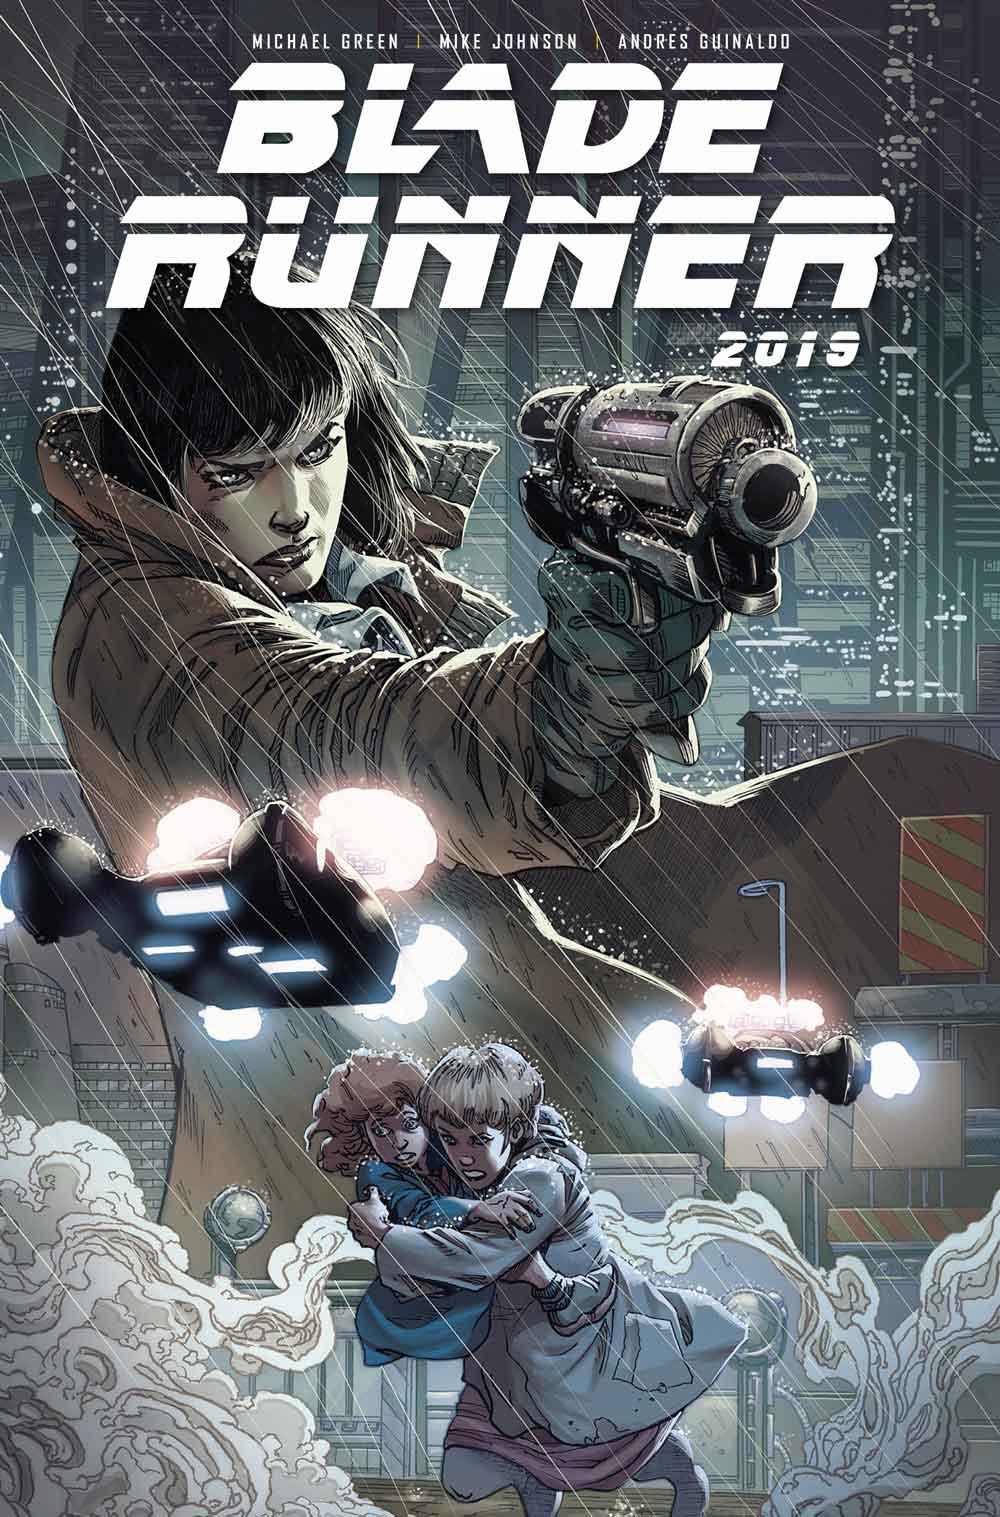 Blade Runner Cover C: Andres Guinaldo